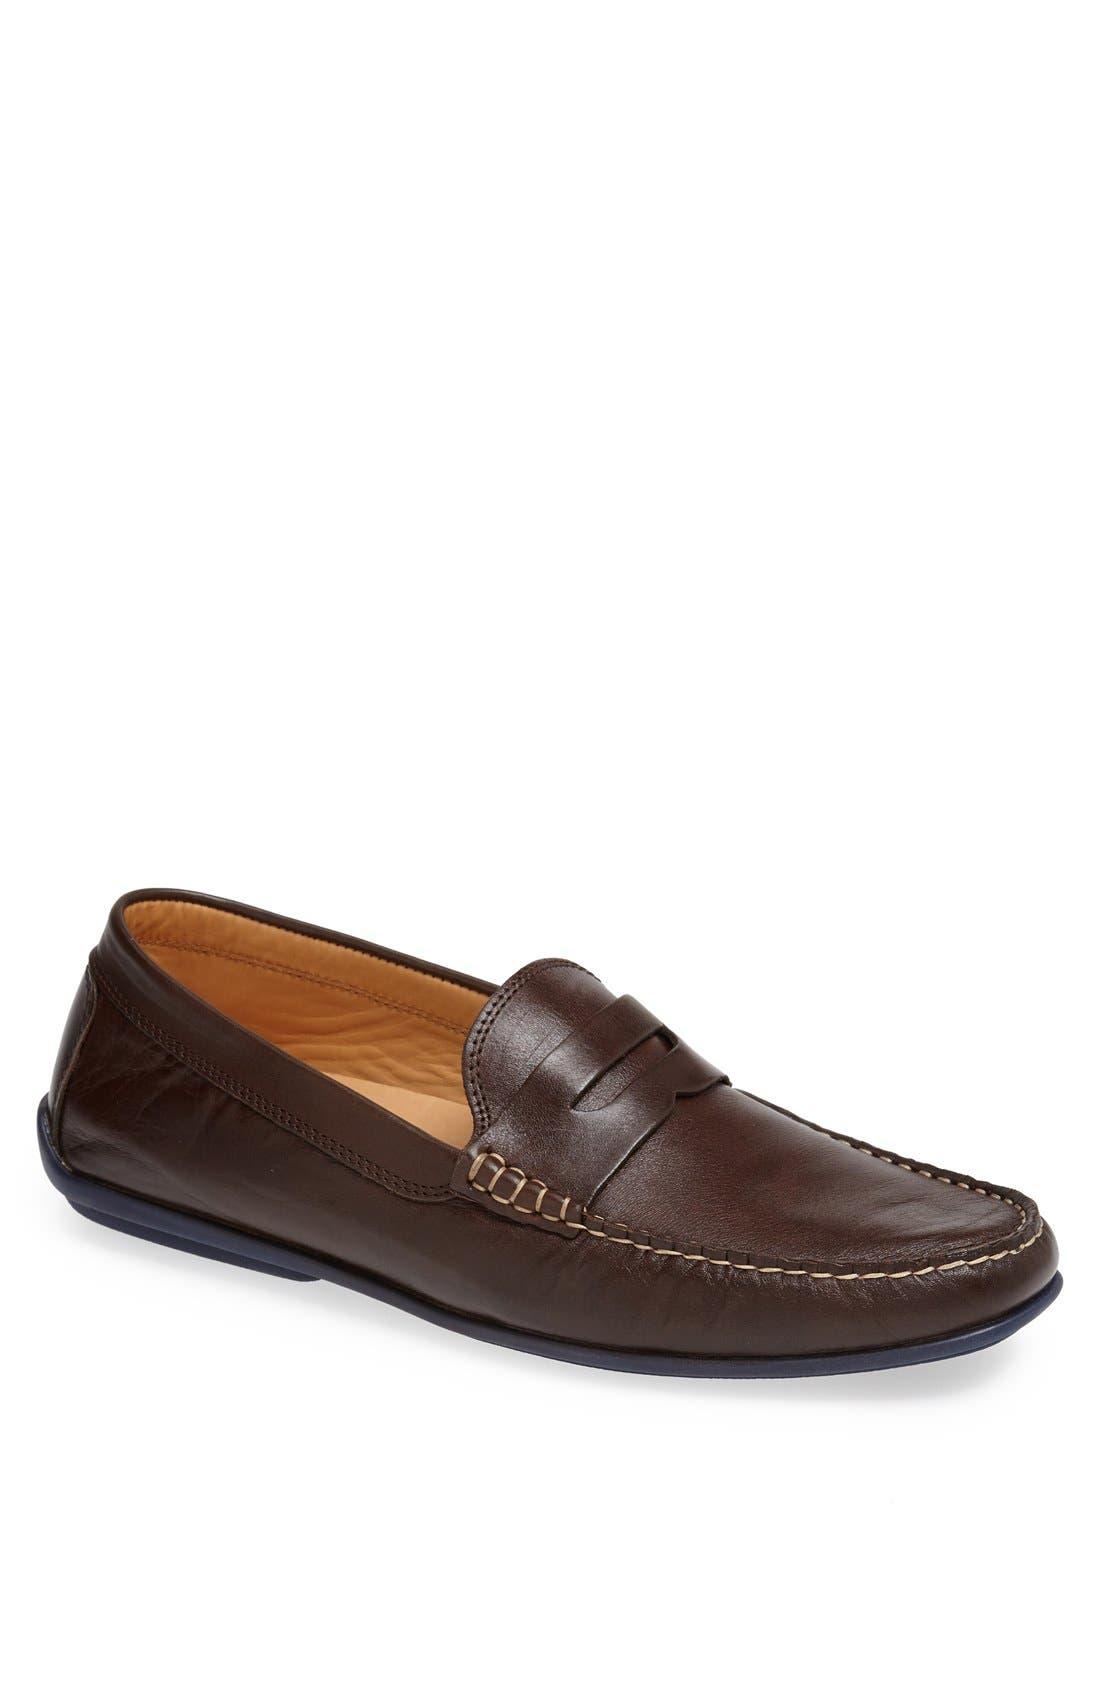 Austen Heller 'Strattons' Driving Shoe